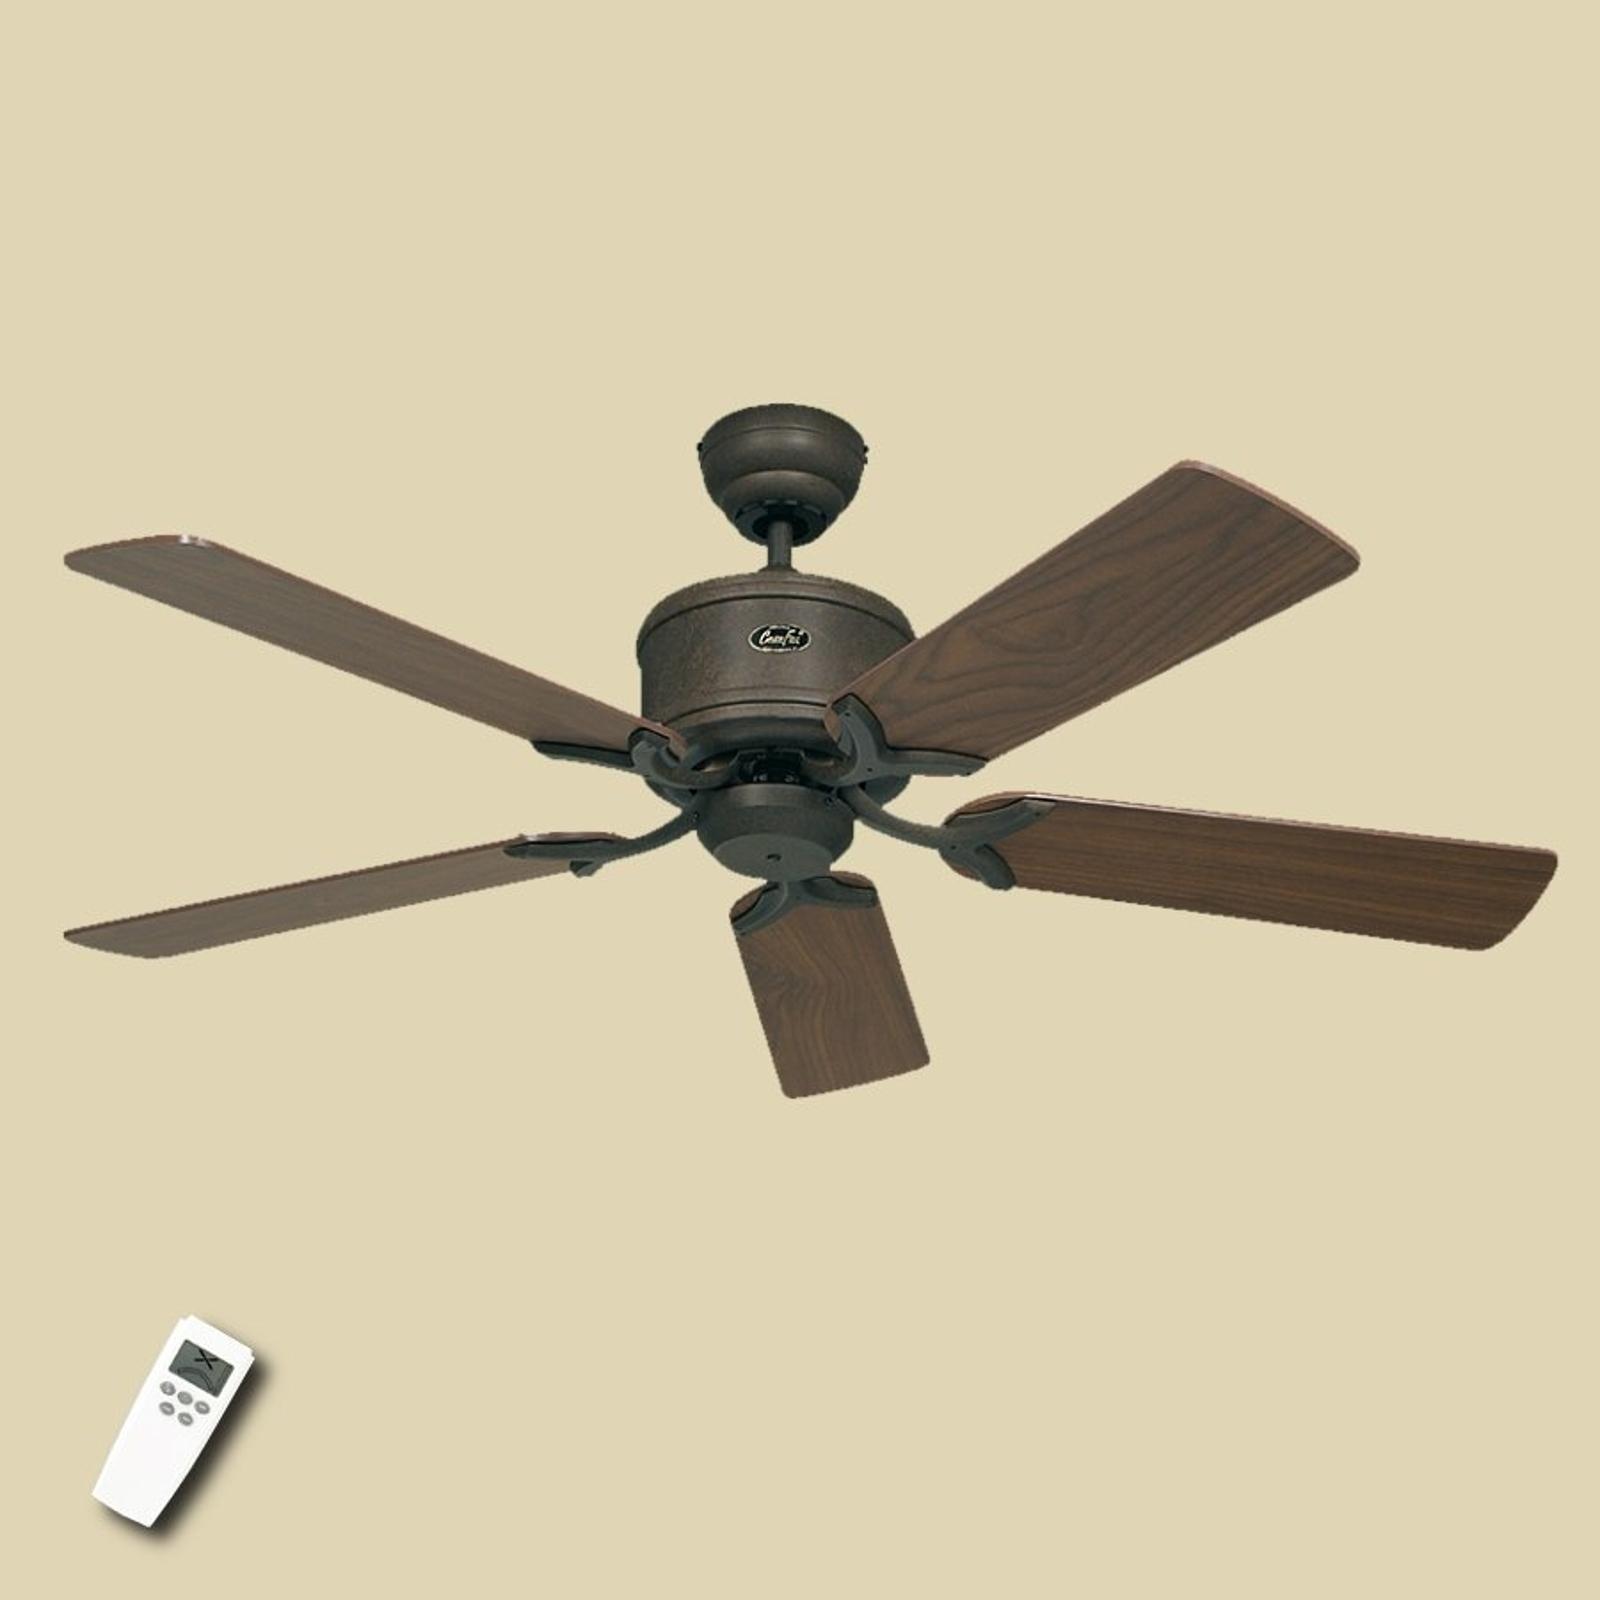 Stropný ventilátor Eco Elements hnedo-orechová_2015020_1